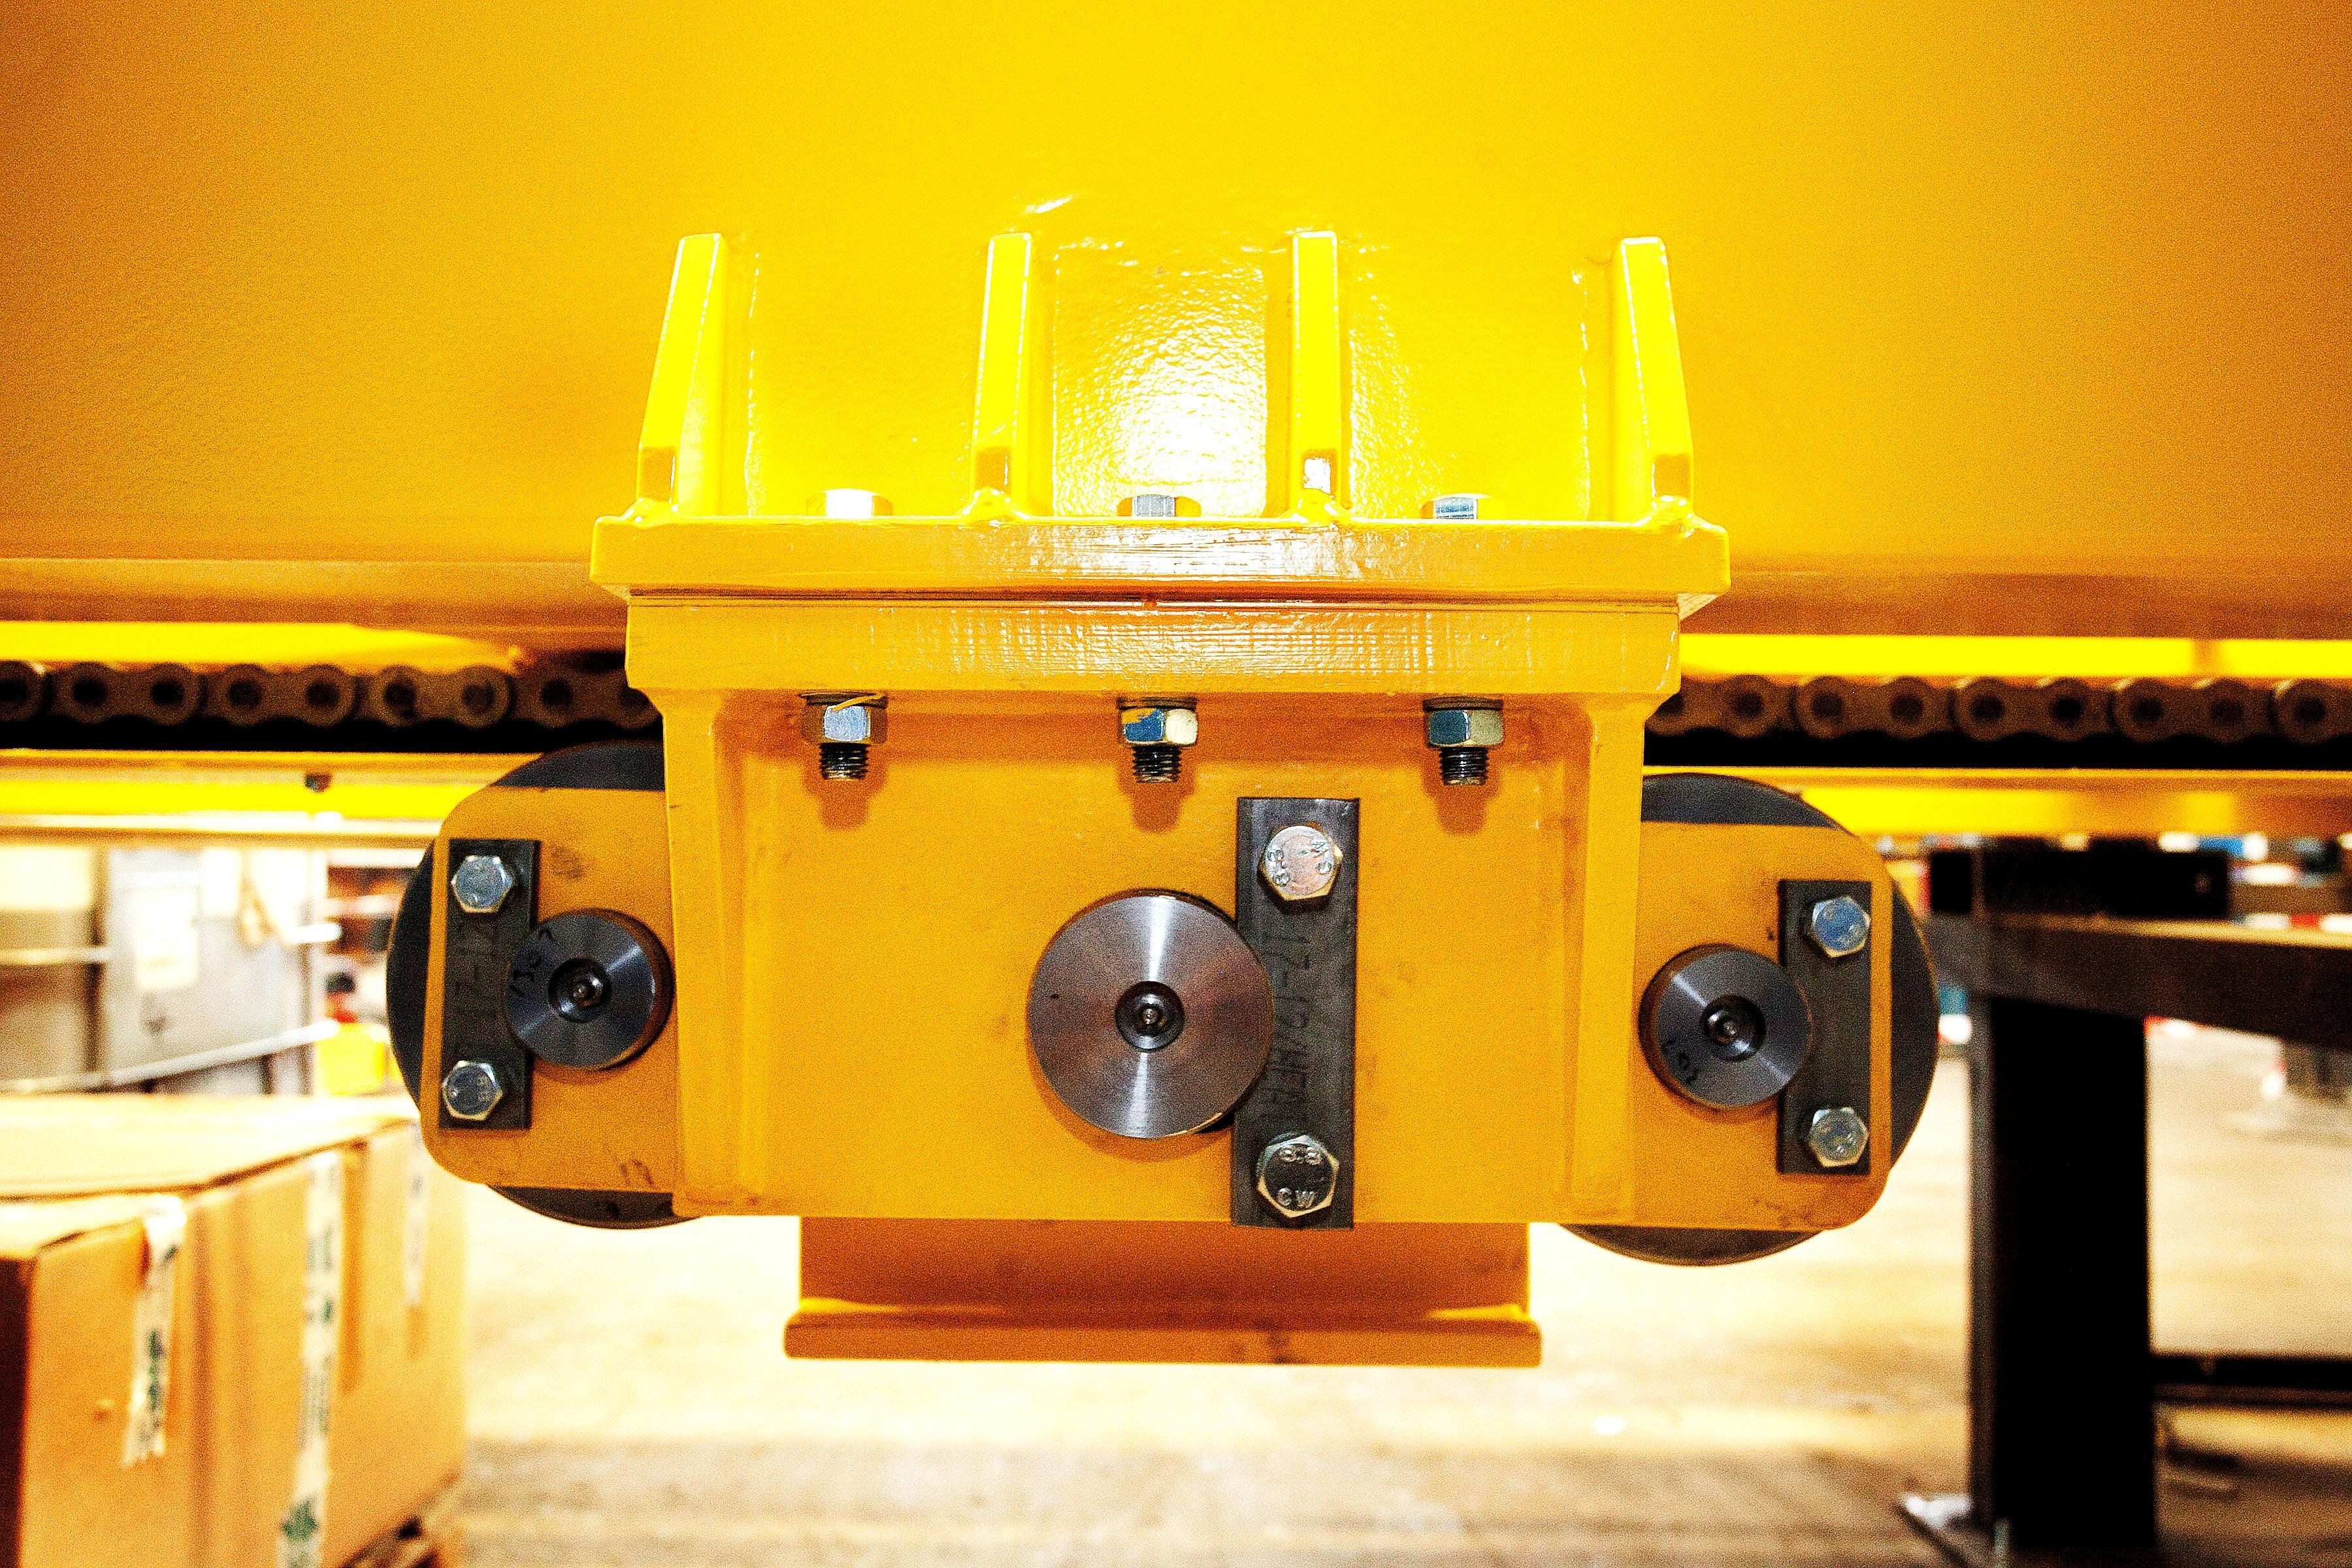 MH-513014-Riser-Skate-025